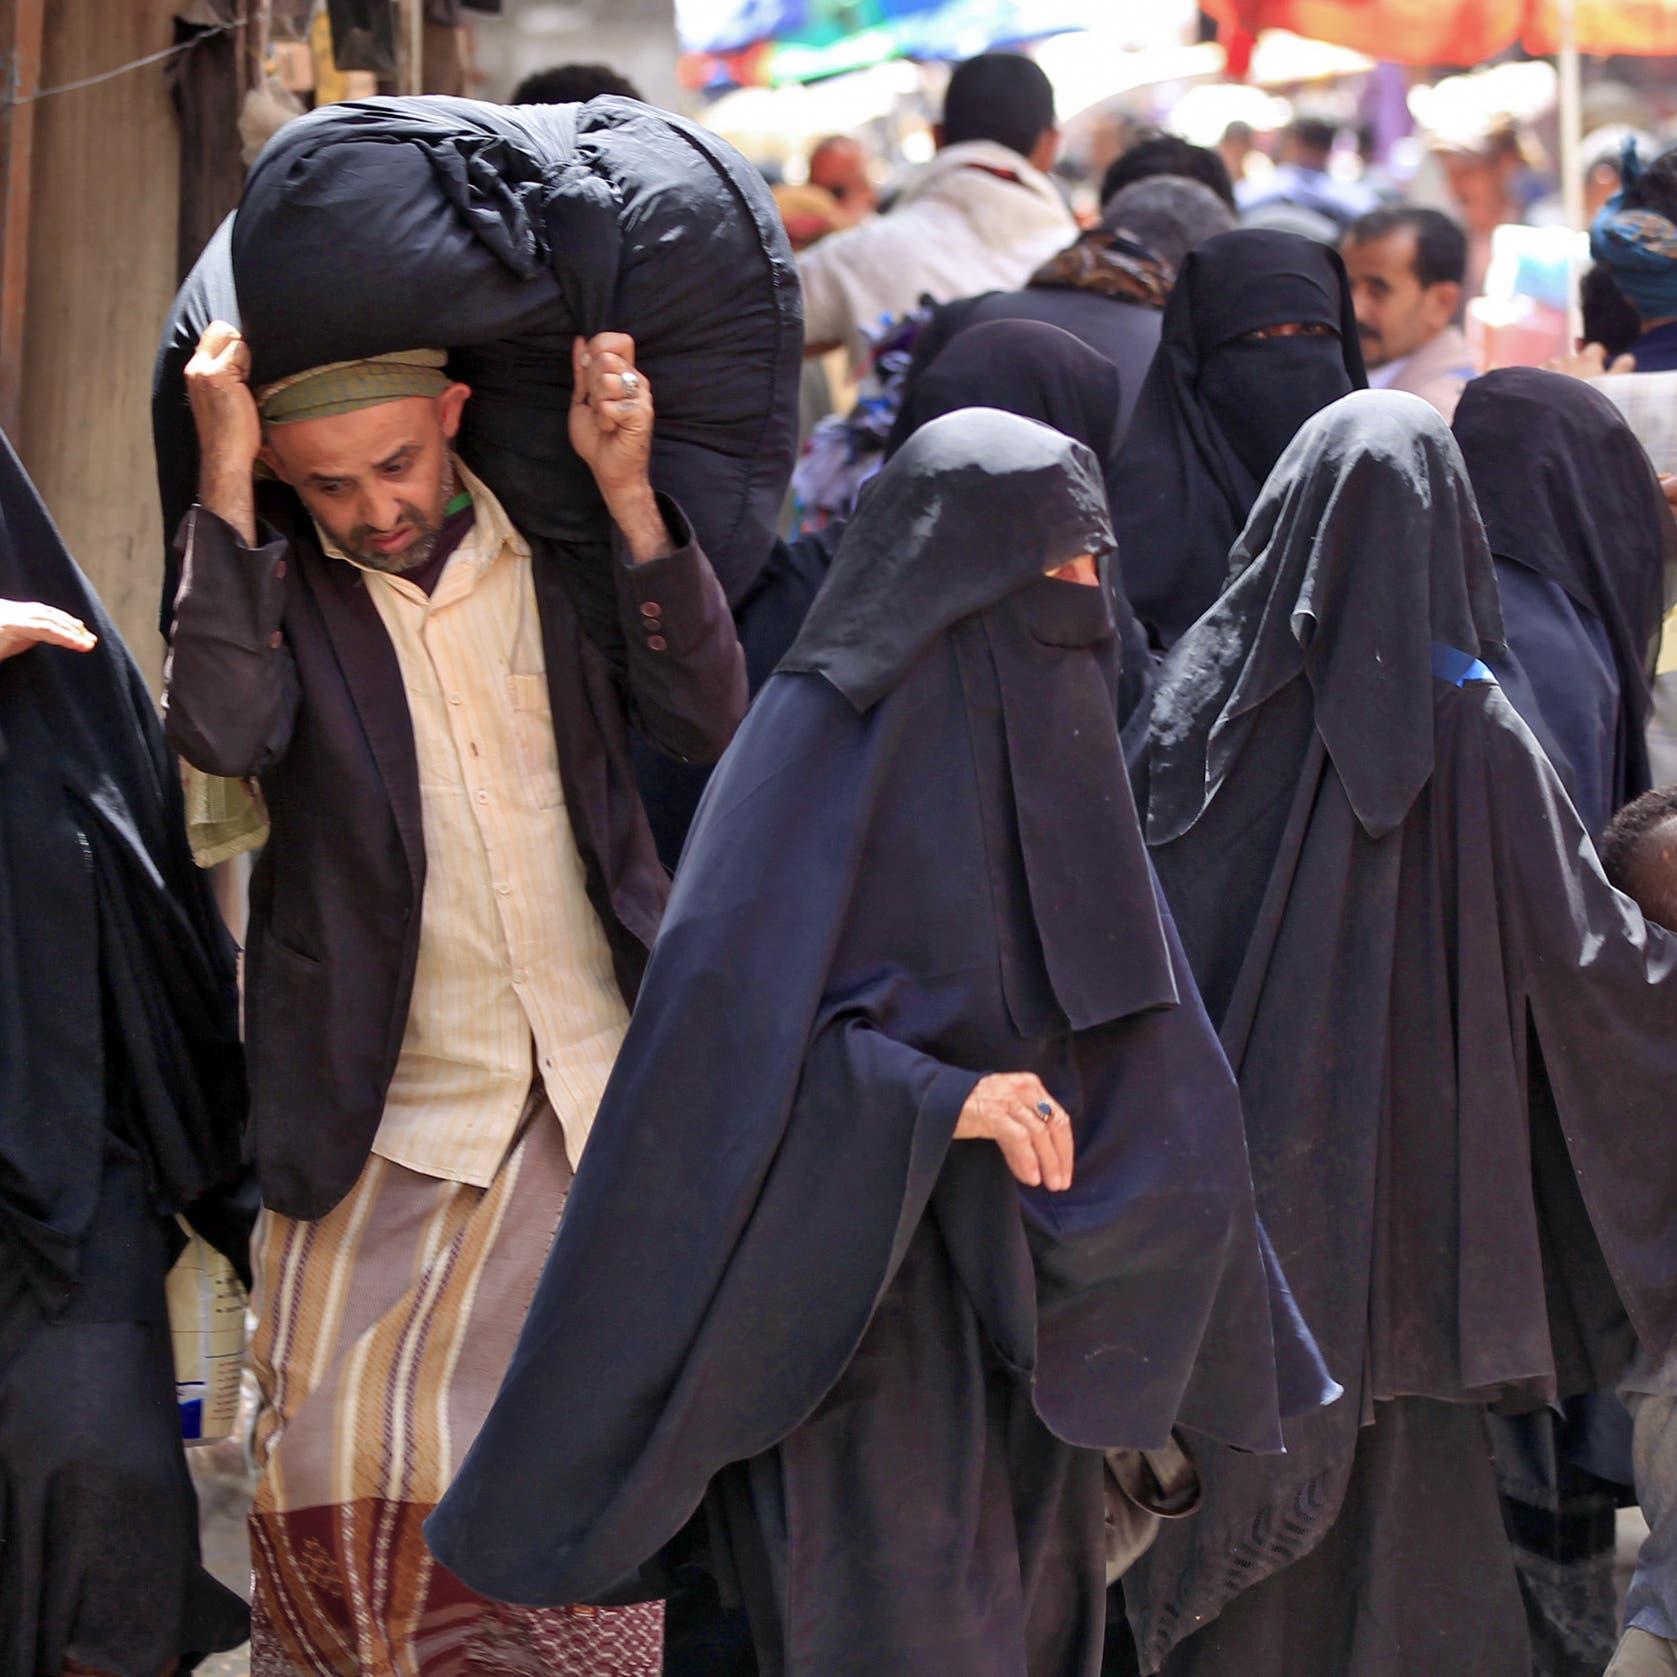 أغرب وثيقة حوثية.. منع نساء في صنعاء من الهواتف والتجميل والعمل